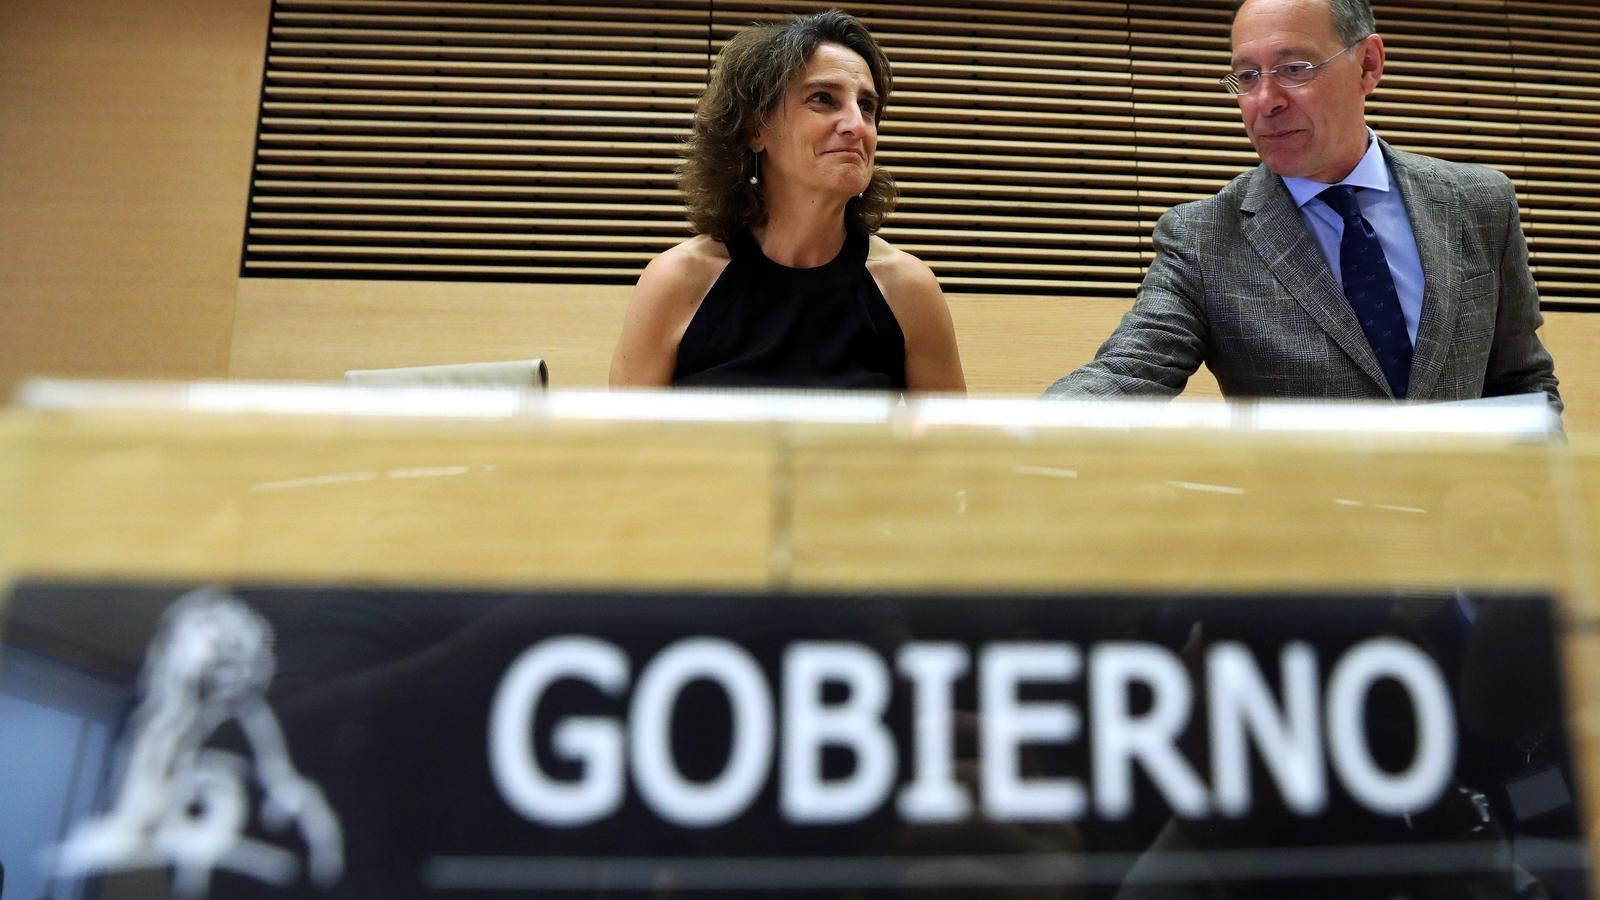 El govern espanyol suspèn un impost del 2012 per mirar d'abaratir la llum